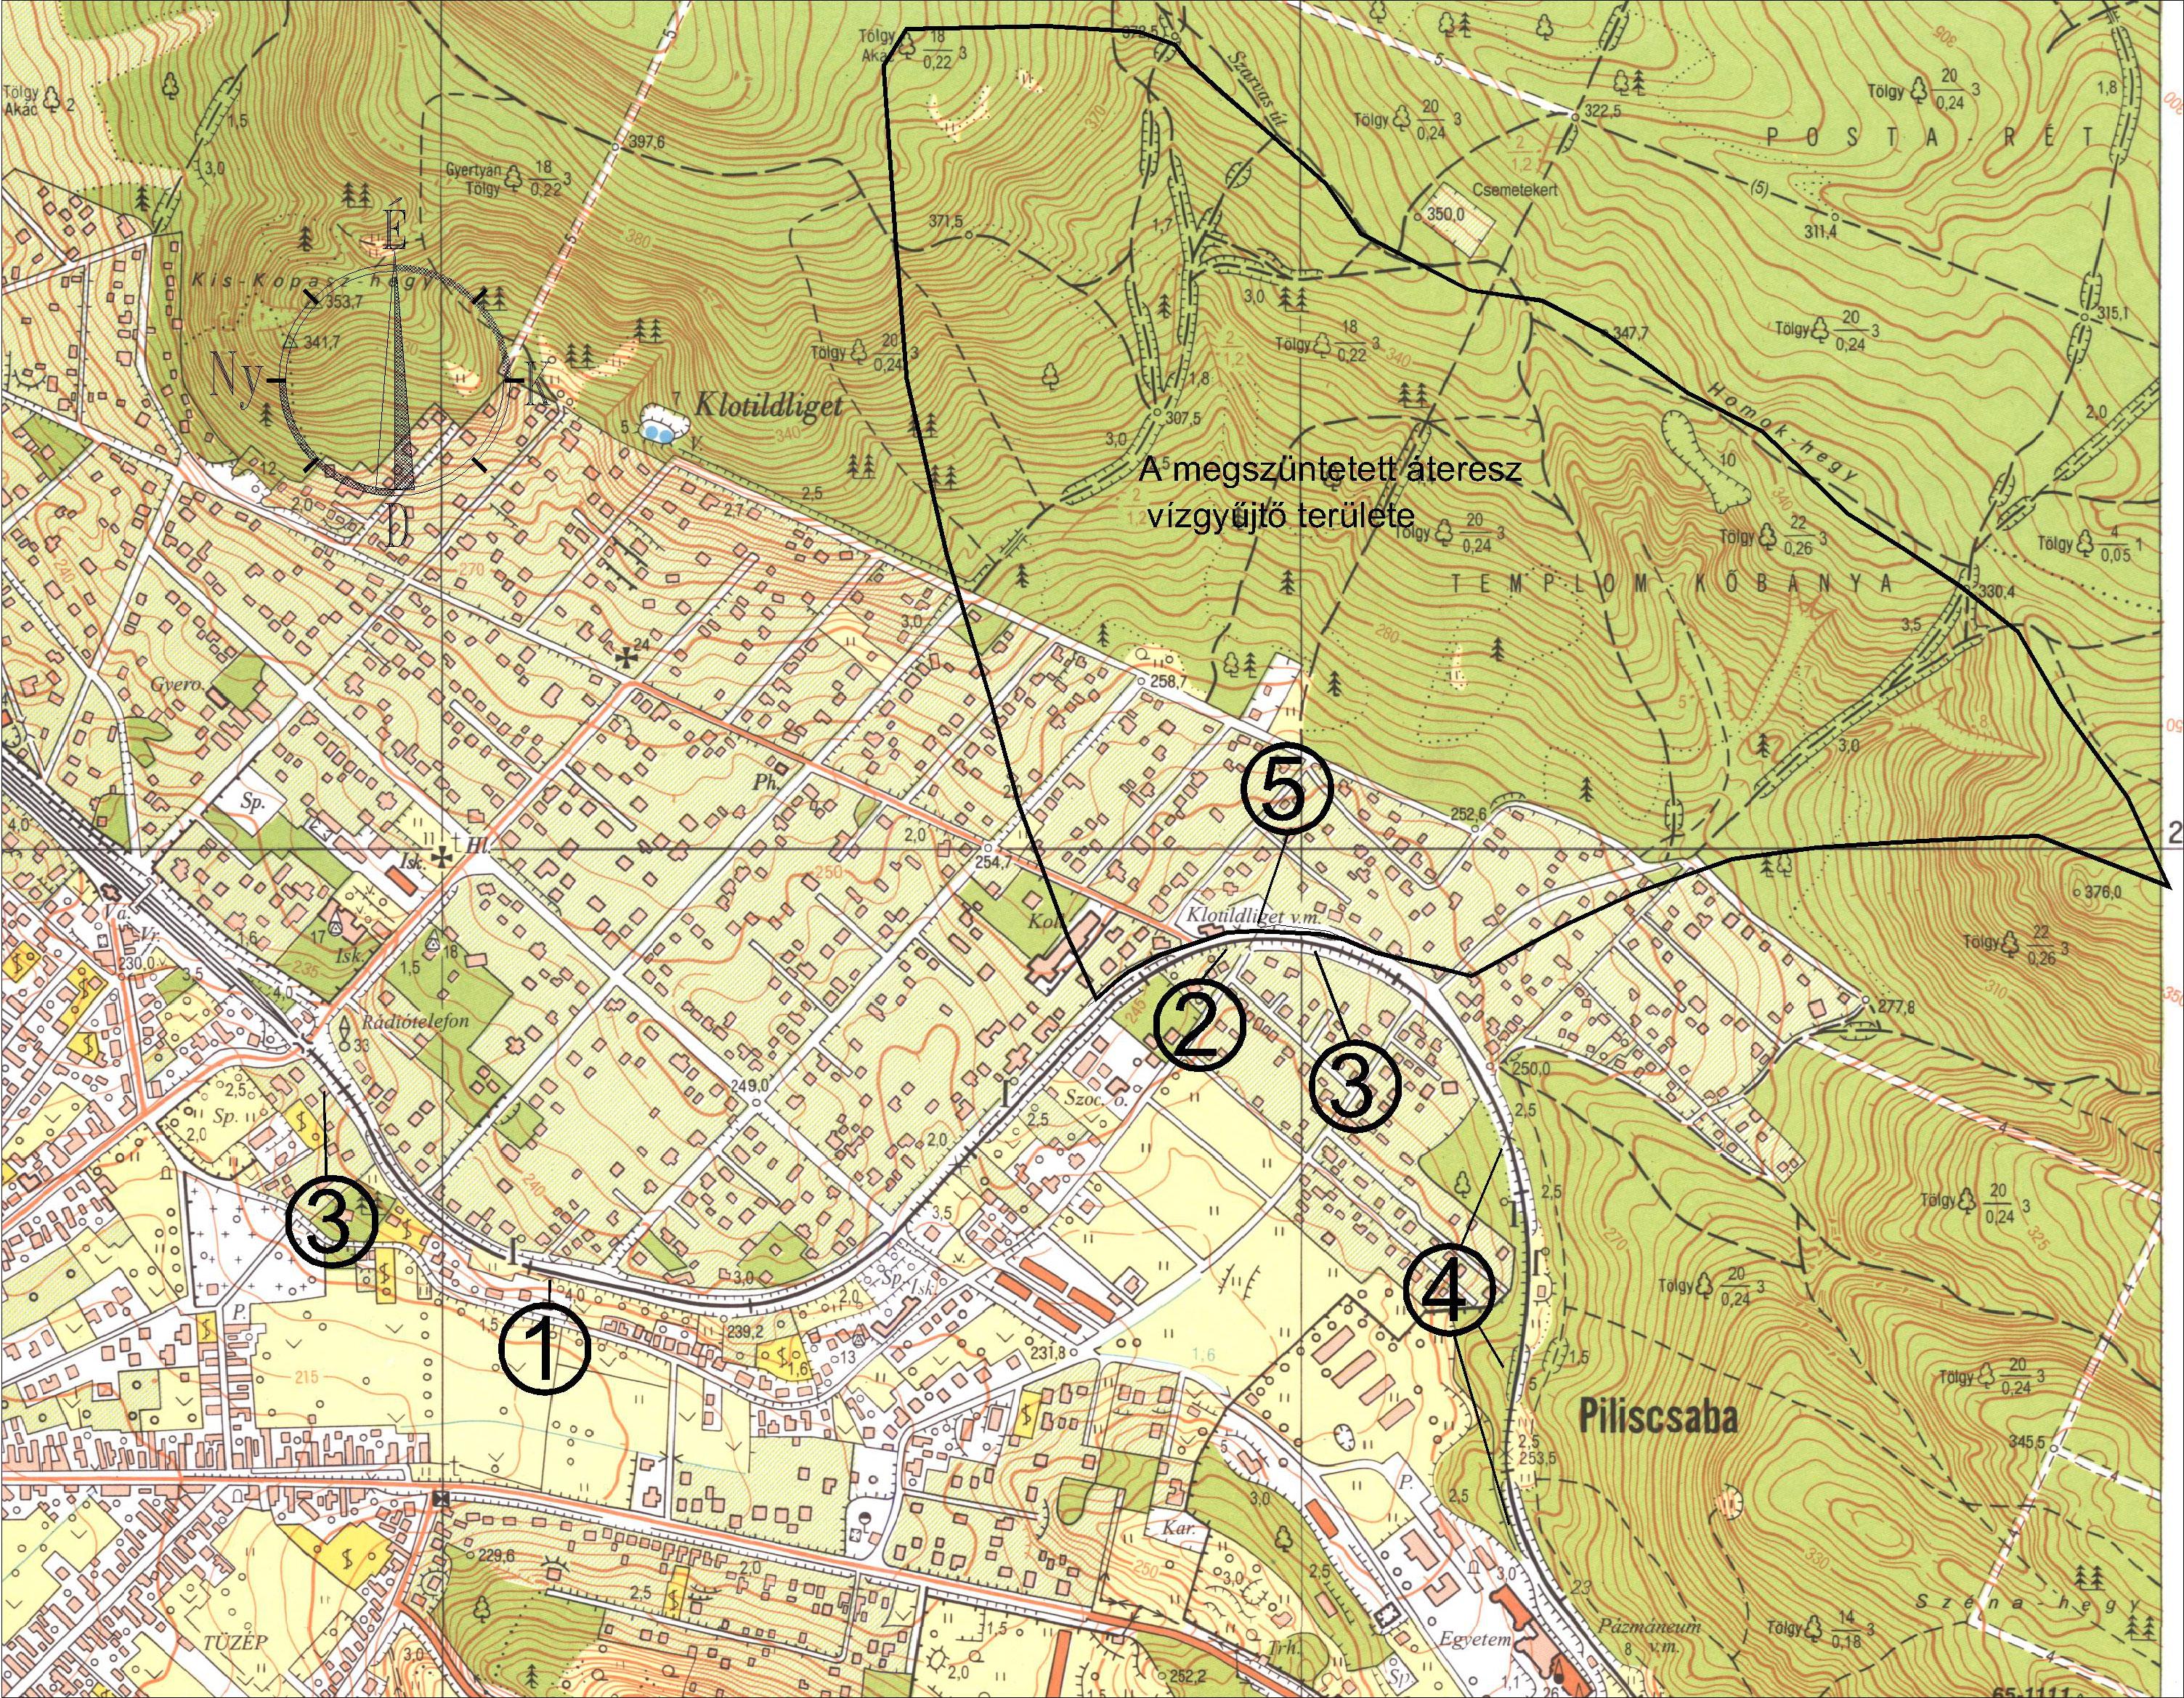 piliscsaba térkép Vasútfejlesztés   Piliscsabai szakasz   vízügyi problémák   CIVILHETES piliscsaba térkép